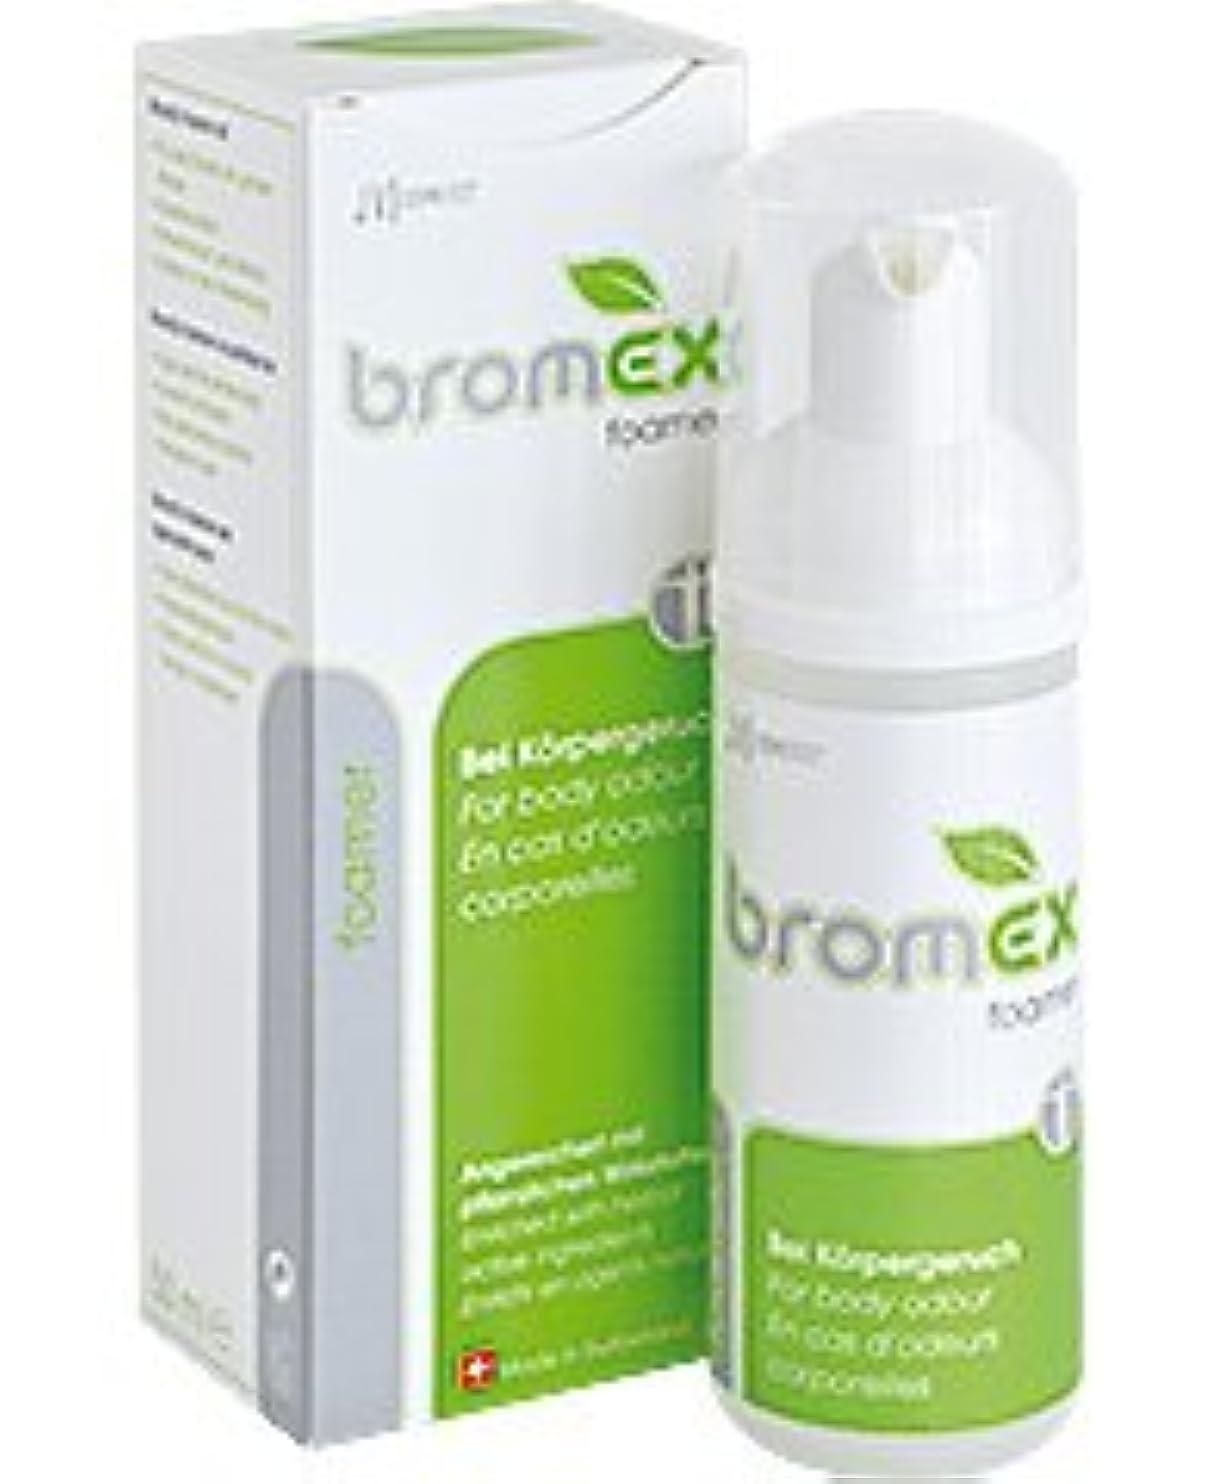 階下船形トライアスロンブロメックス50ml(体臭?わきが?加齢臭に)使うたびに臭わなくなるフォーム状の石鹸。外出先でも使える